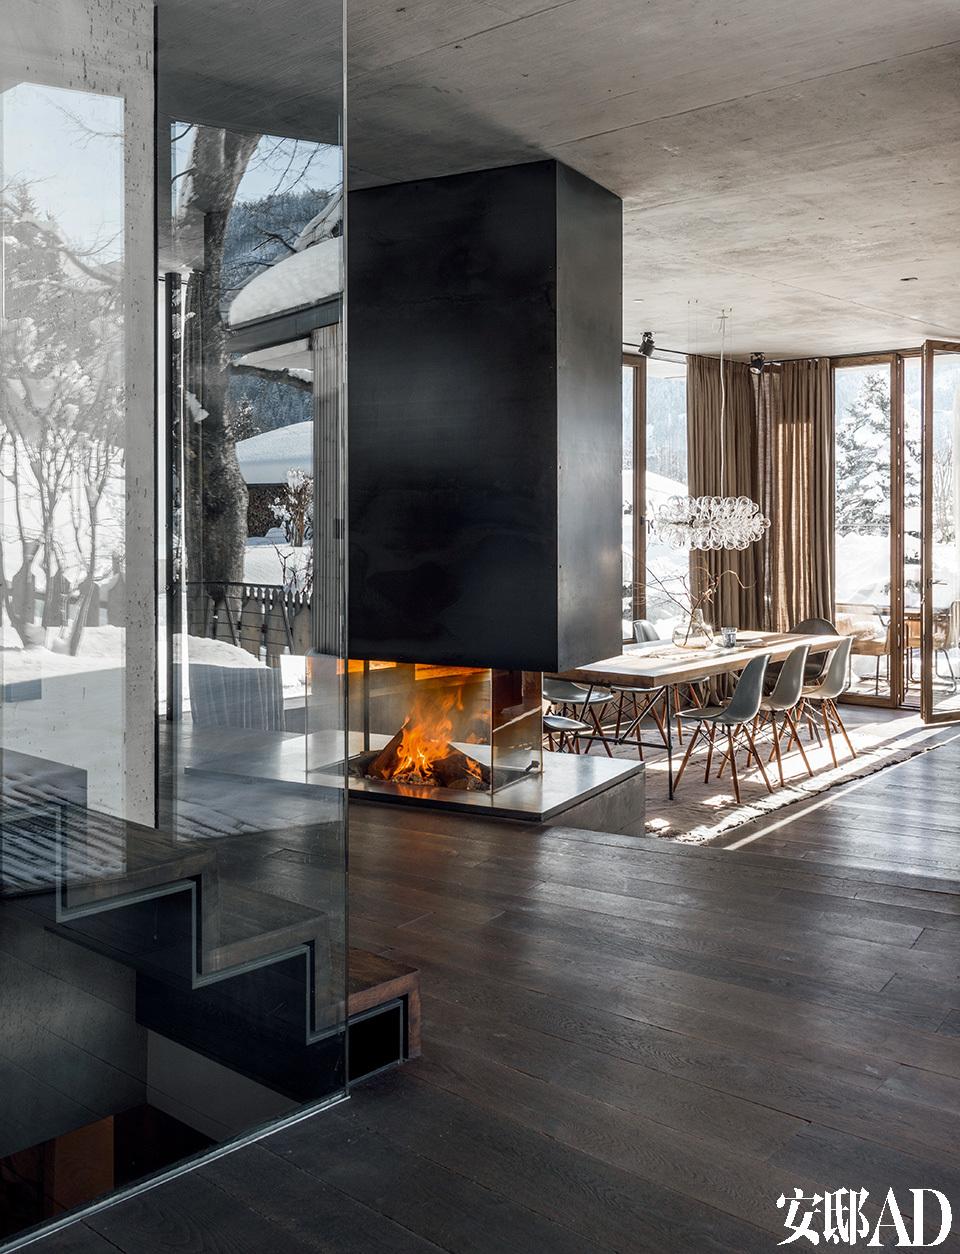 设计简洁的开放式壁炉,不仅为整个空间带来温暖,也成为餐厅与客厅之间的隔断。从客厅可以望见不远处的餐厅。餐桌和厨房的家具也是Monika Gogl工作室Gogl Architekten设计而成的,由当地木匠Tischlerei Hofer 配合完成。